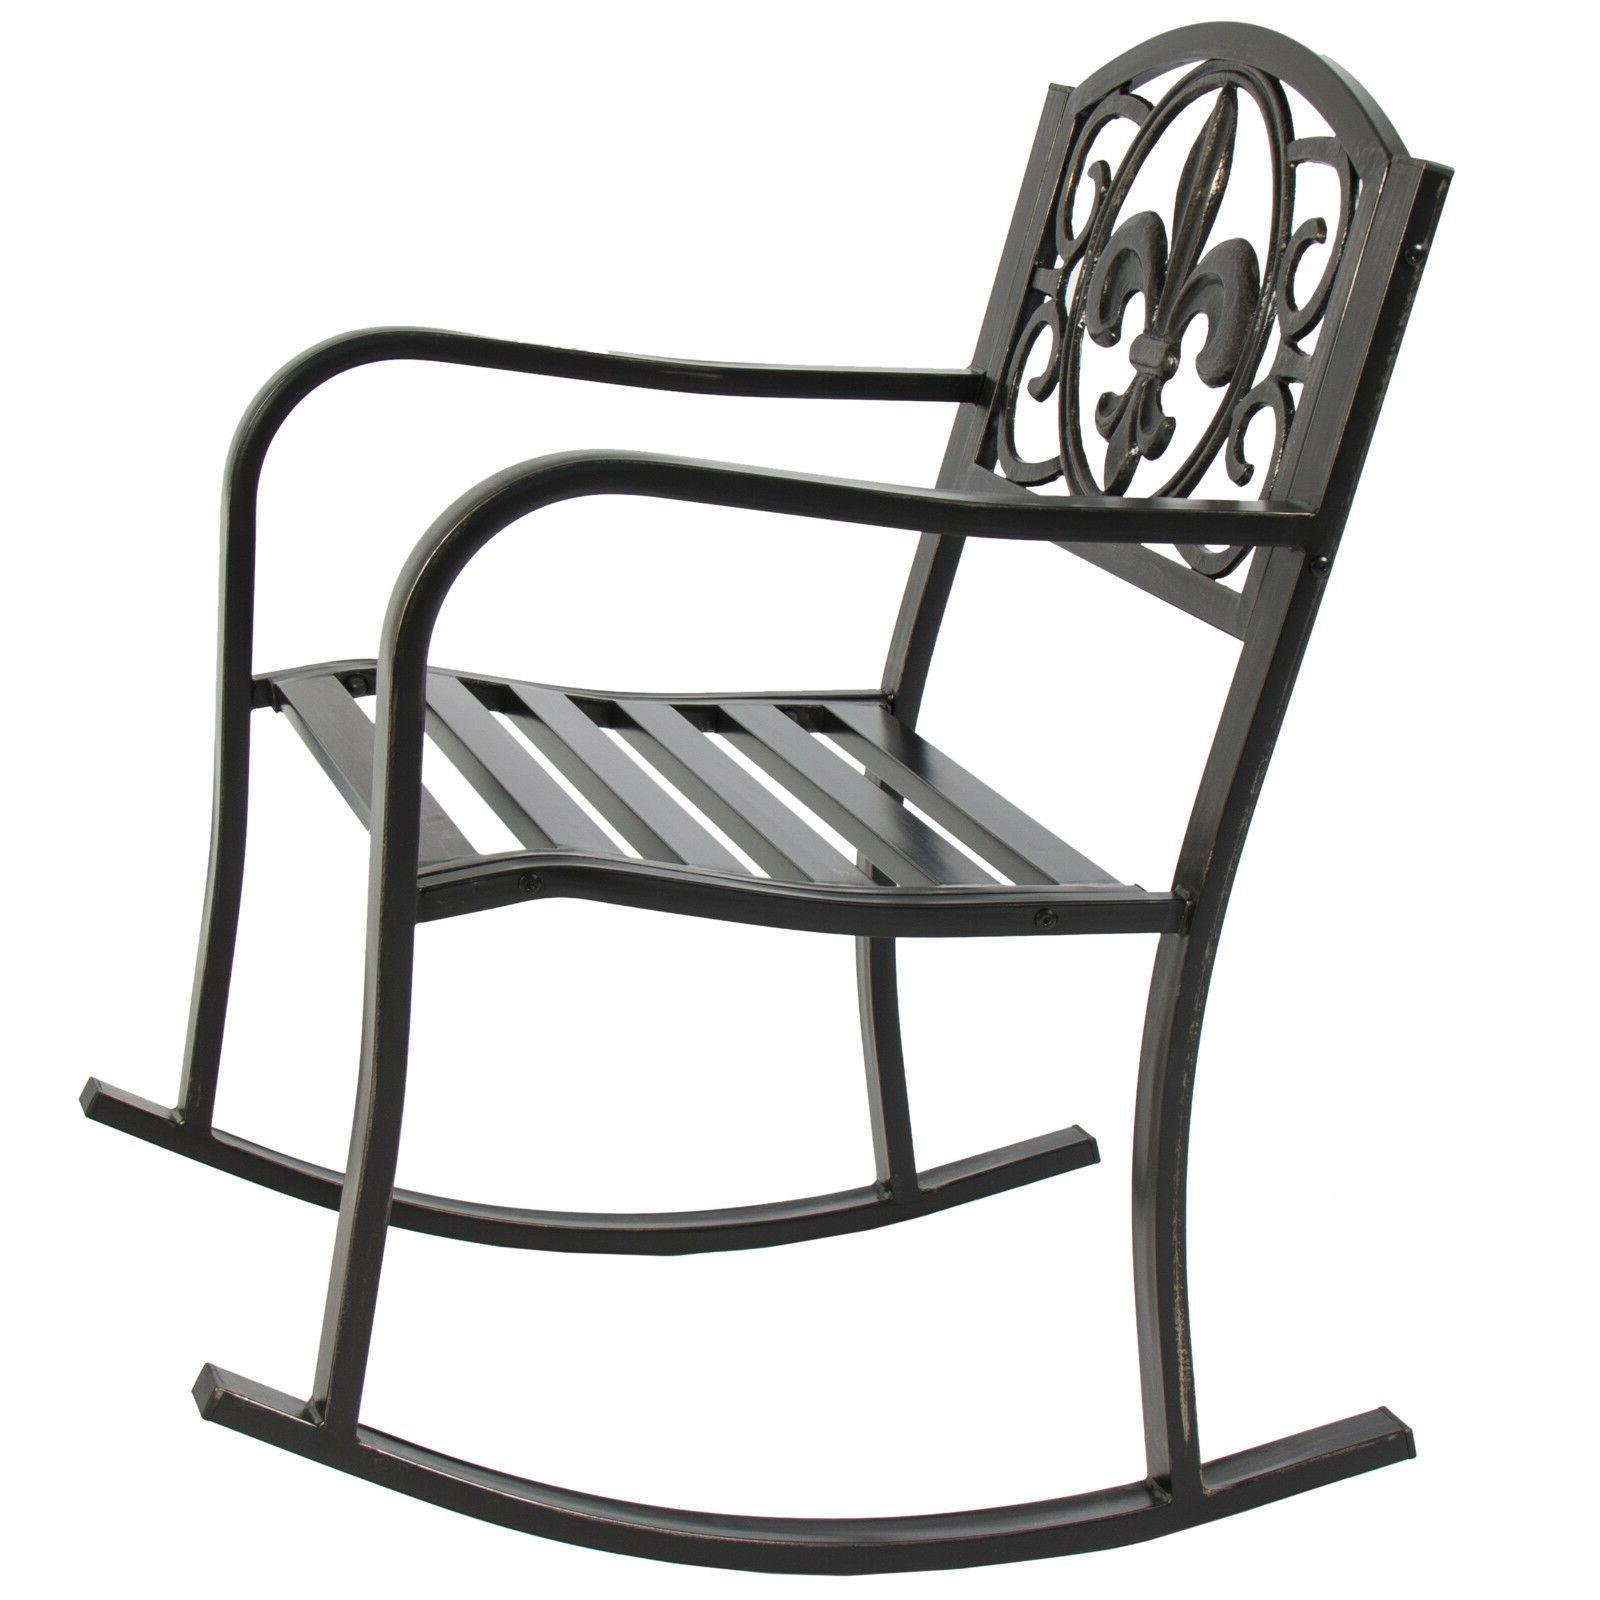 Patio Chair Outdoor Porch Seat Deck Garden